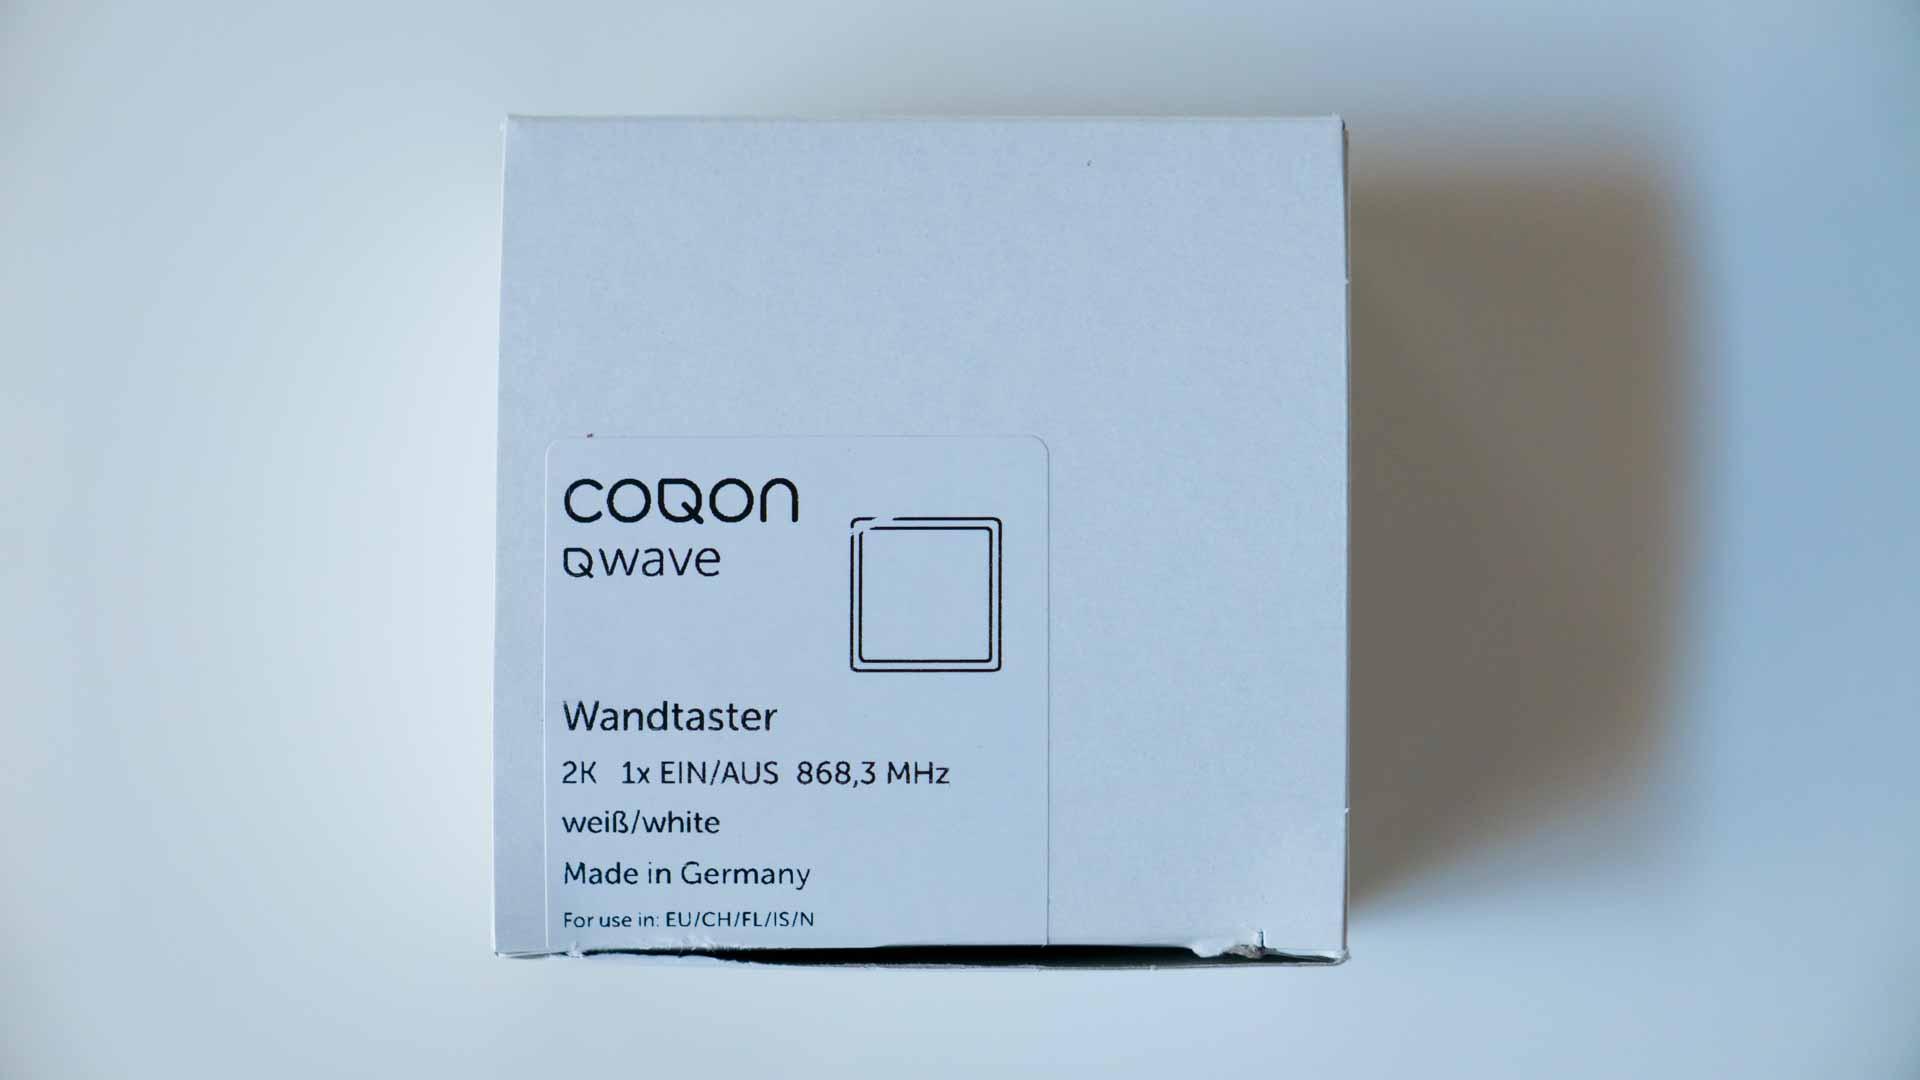 COQON-Wandtaster-Verpackung-oben